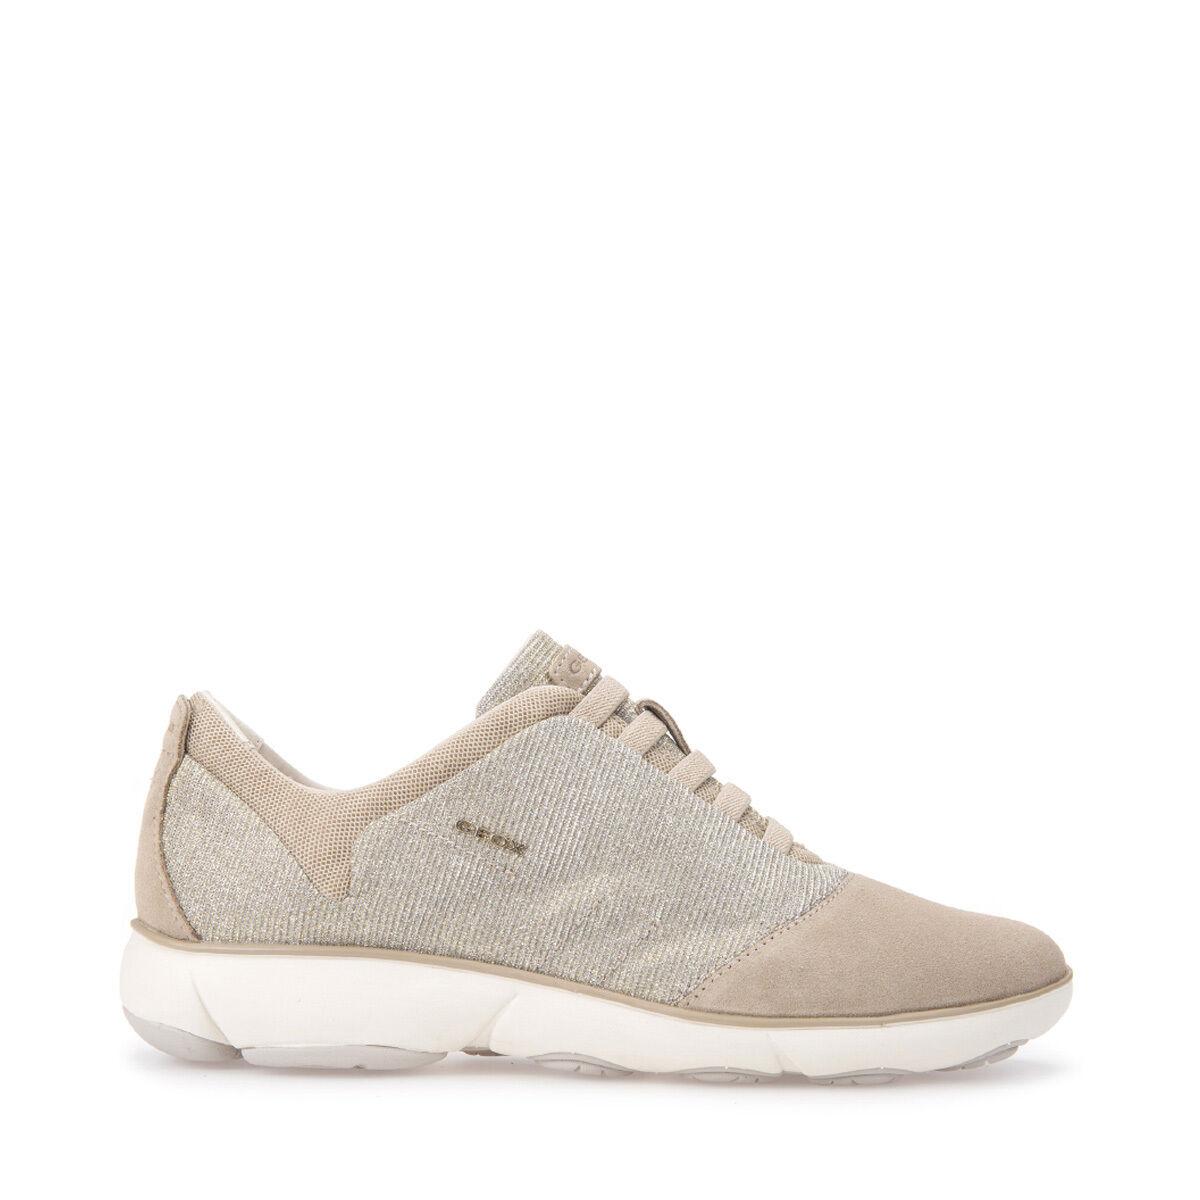 GEOX zapatos mujer zapatillas E LINEA NEBULA D641EG, LEGGERA, IN TELE E zapatillas SEUDE SLIP-ON 48305d